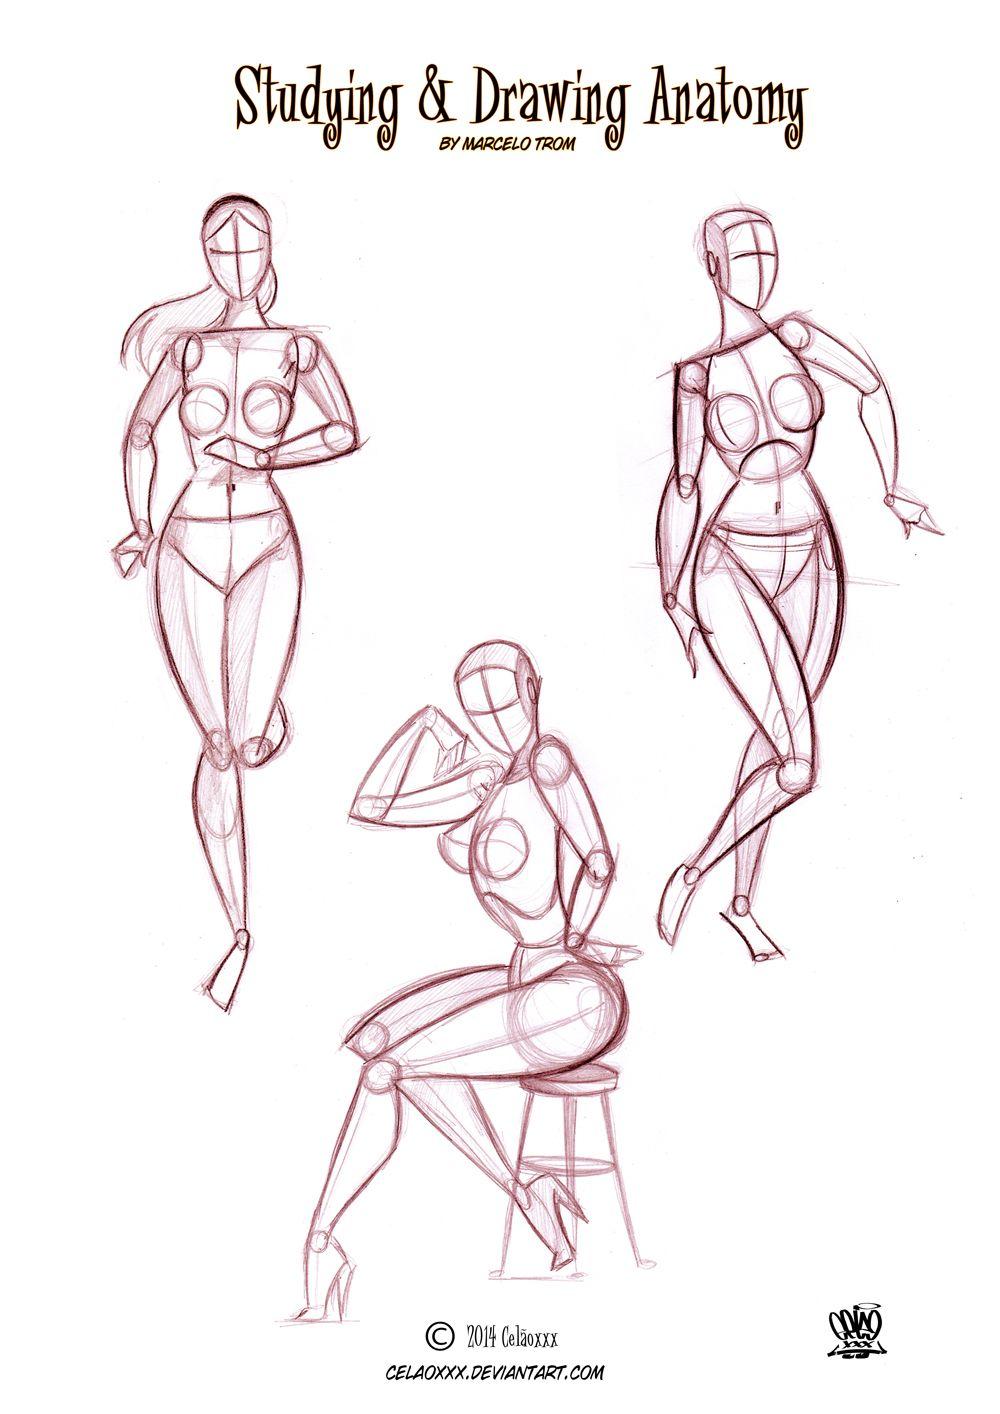 Anatomy for Artists by celaoxxx page 2 by celaoxxx.deviantart.com on ...